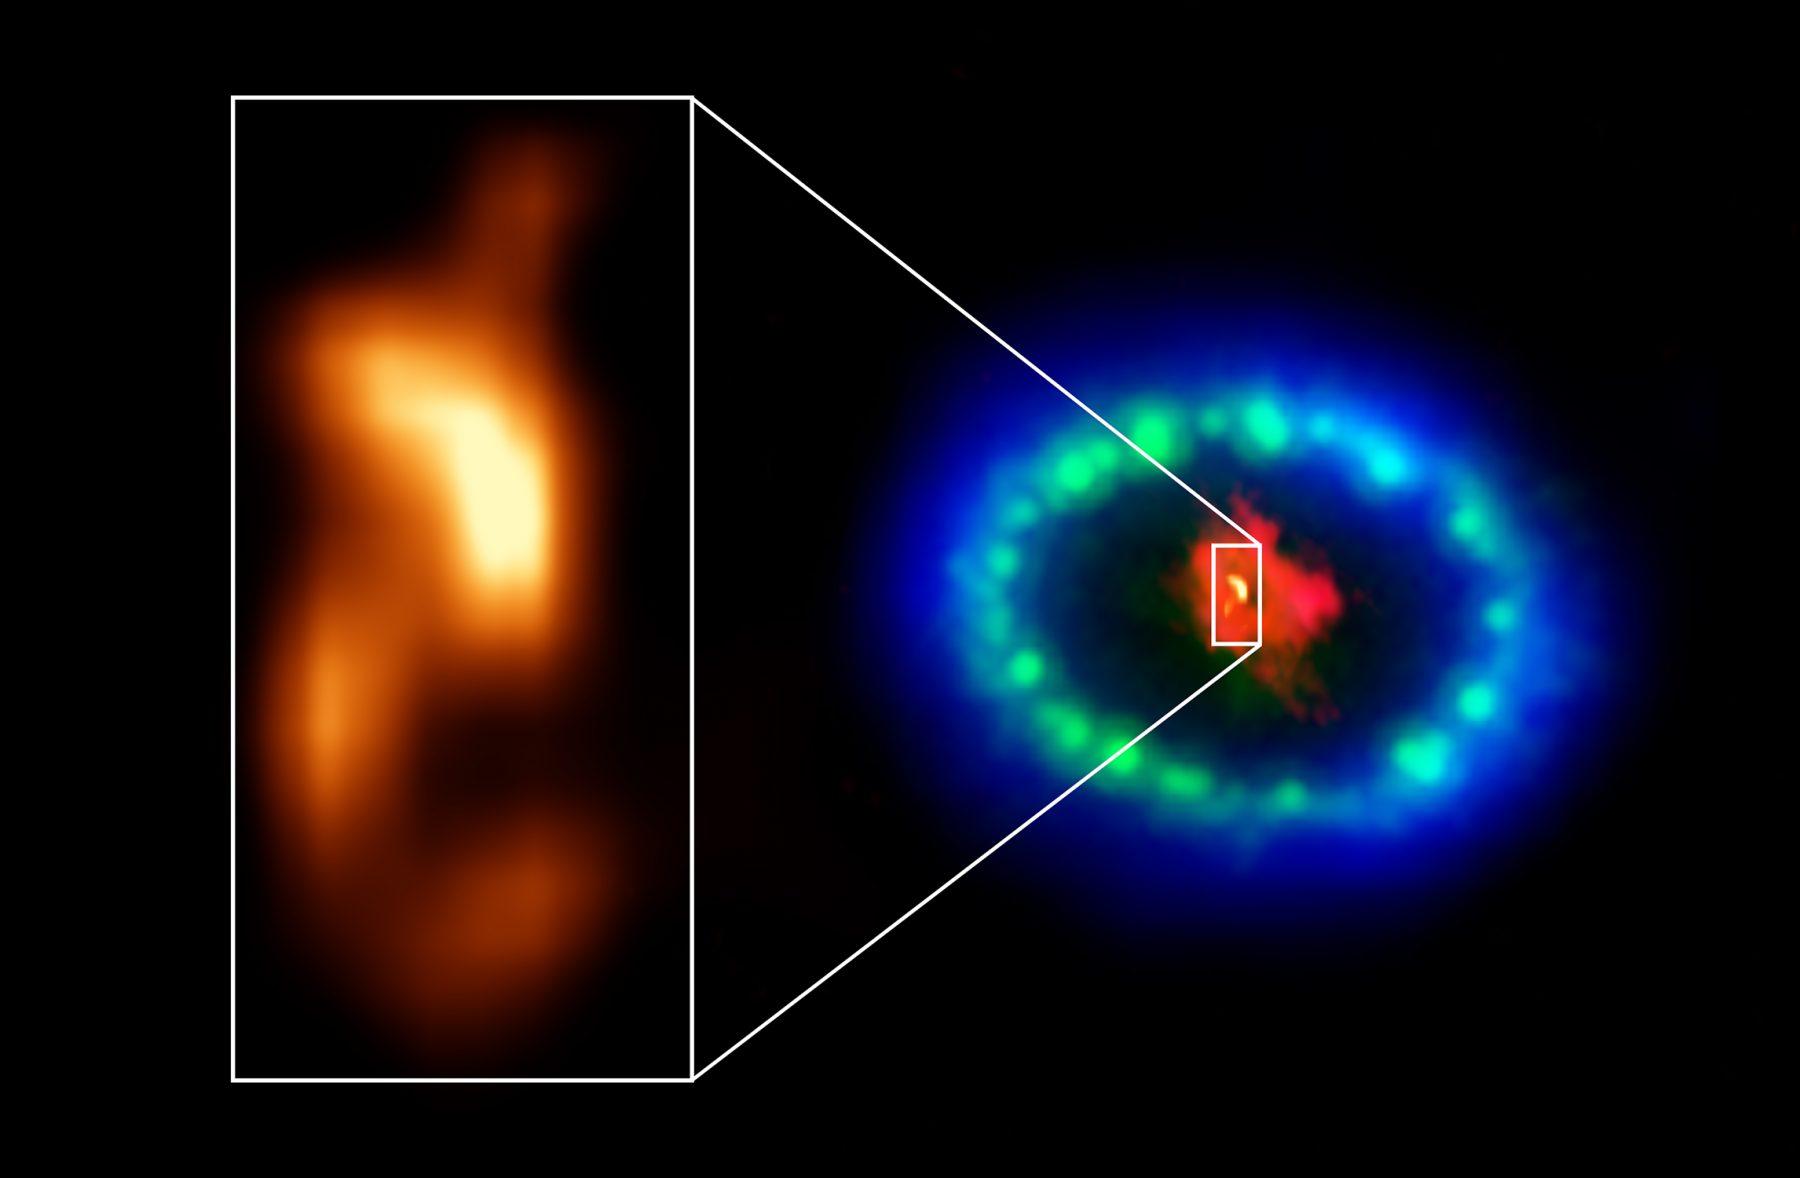 超新星爆発現場に中性子星の兆候